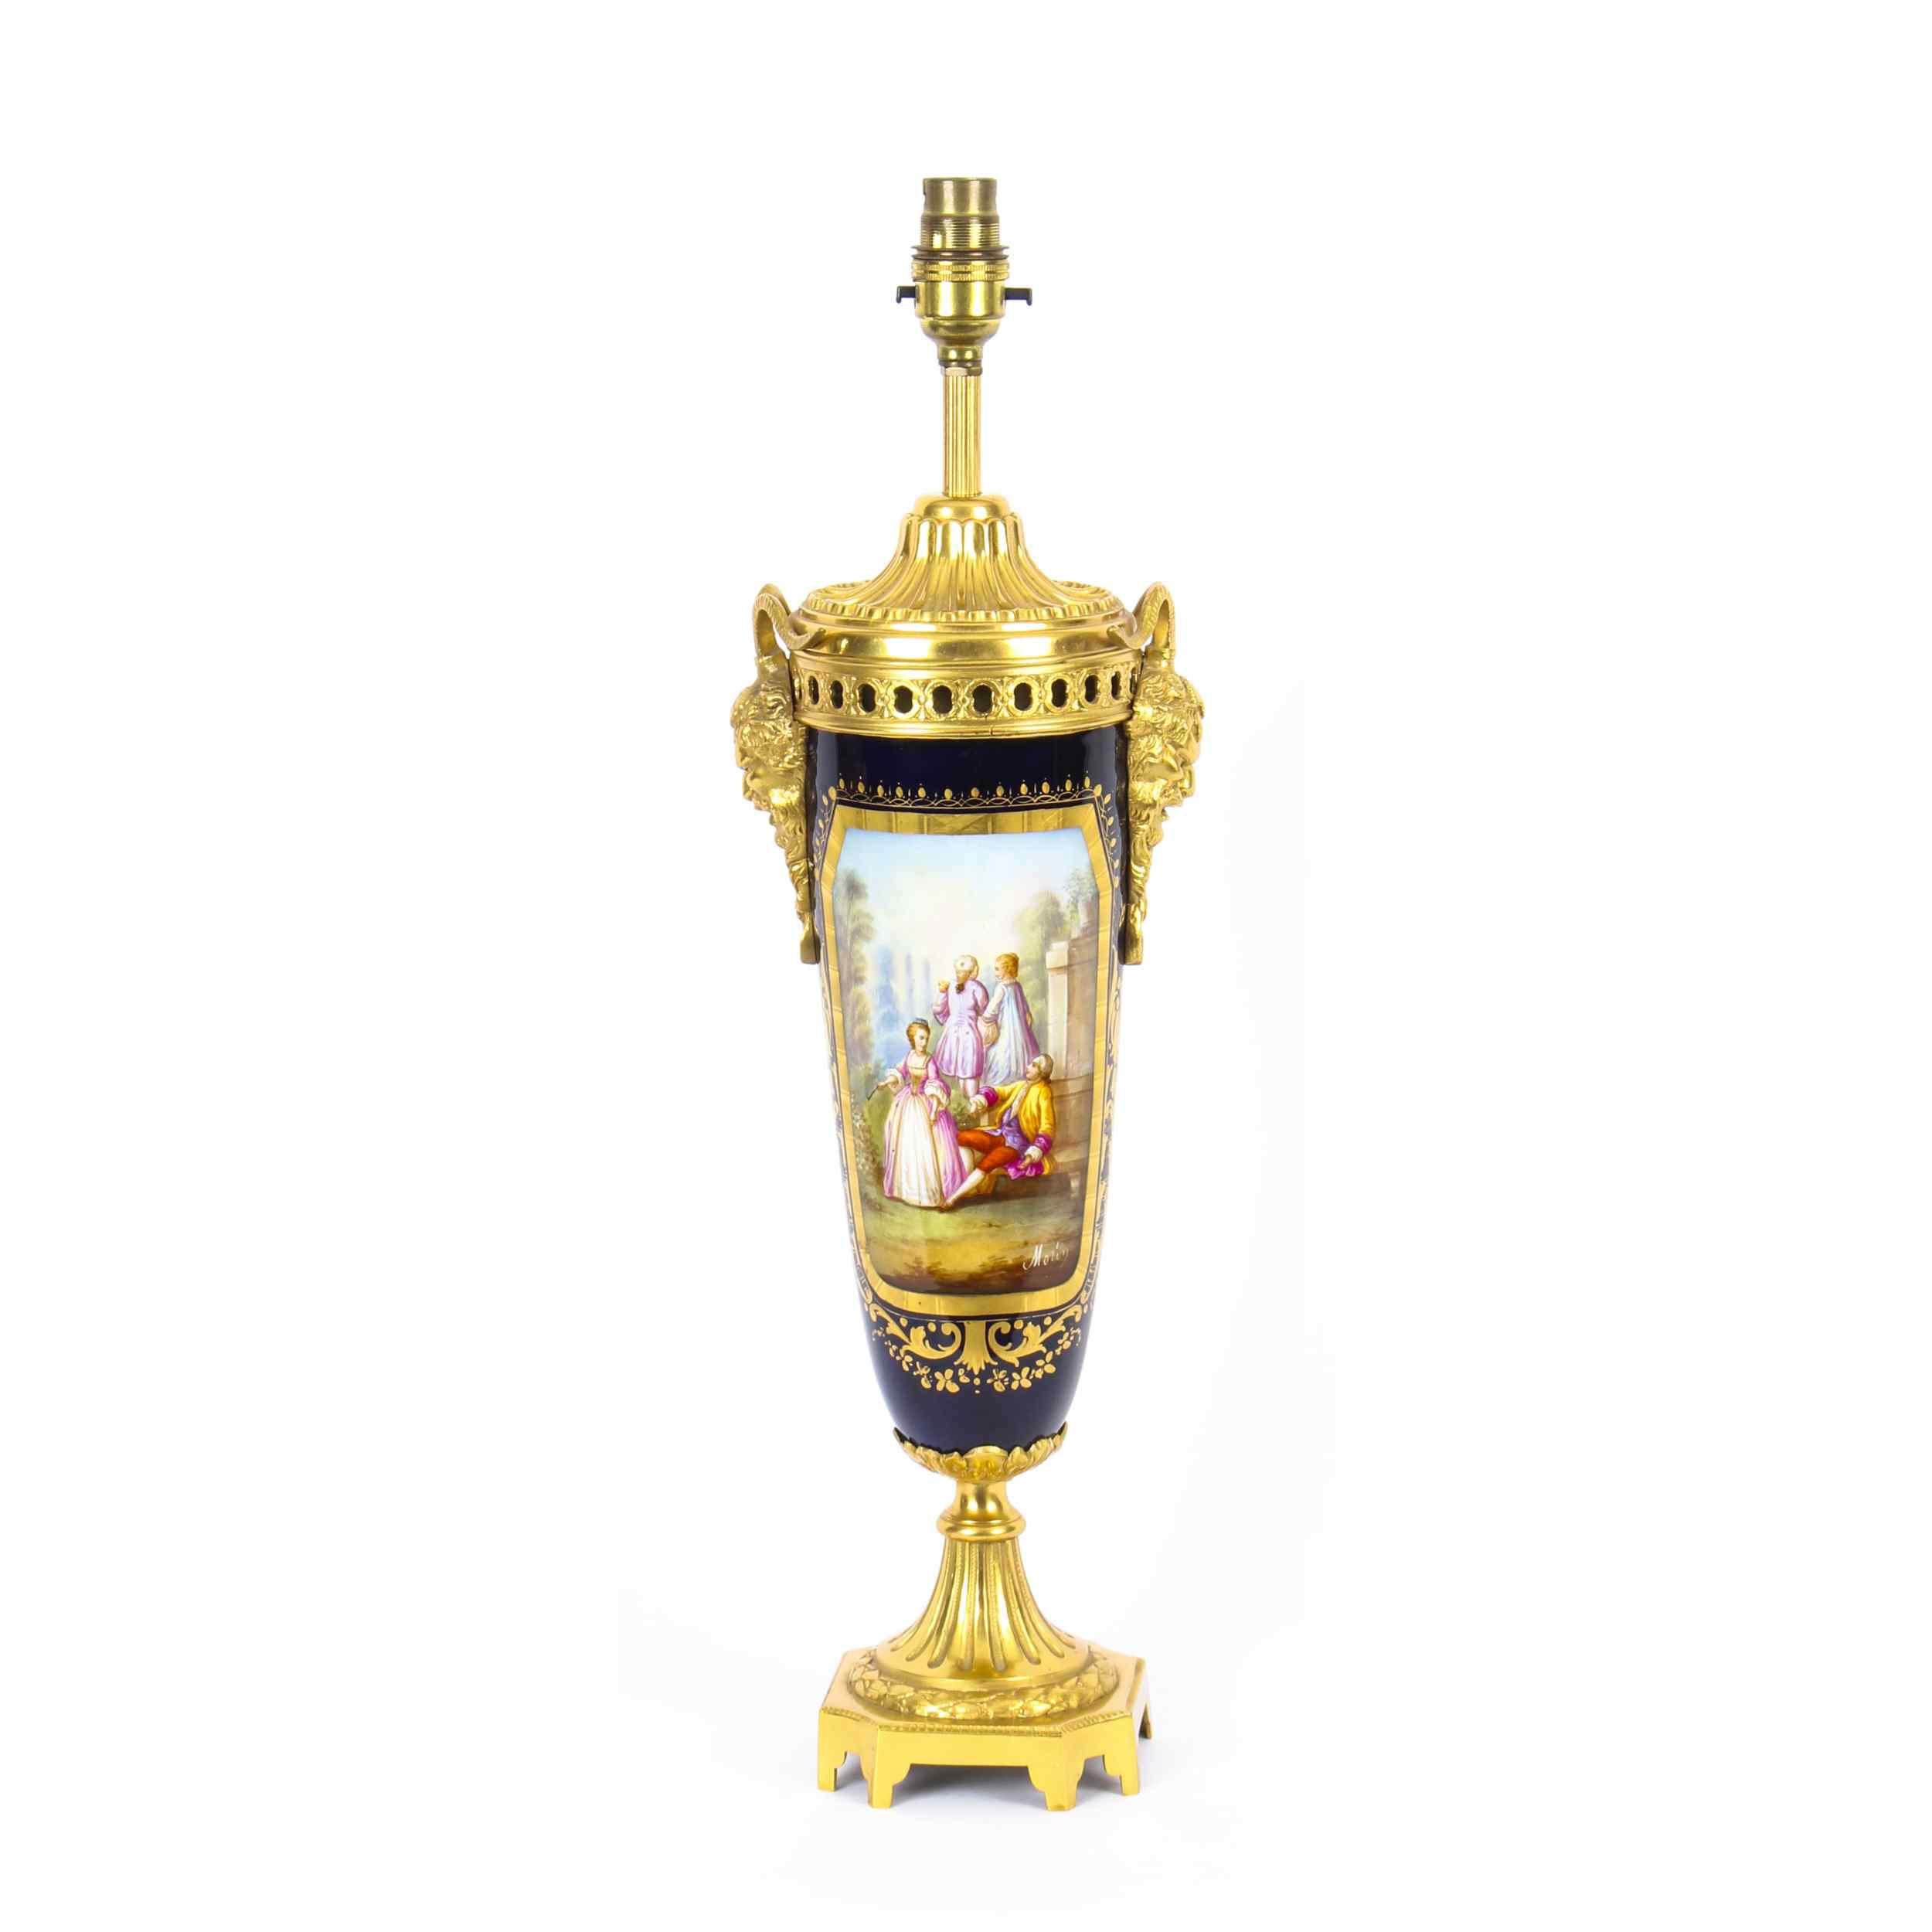 Antique Sevres Porcelain Ormolu Table Lamp 19th C